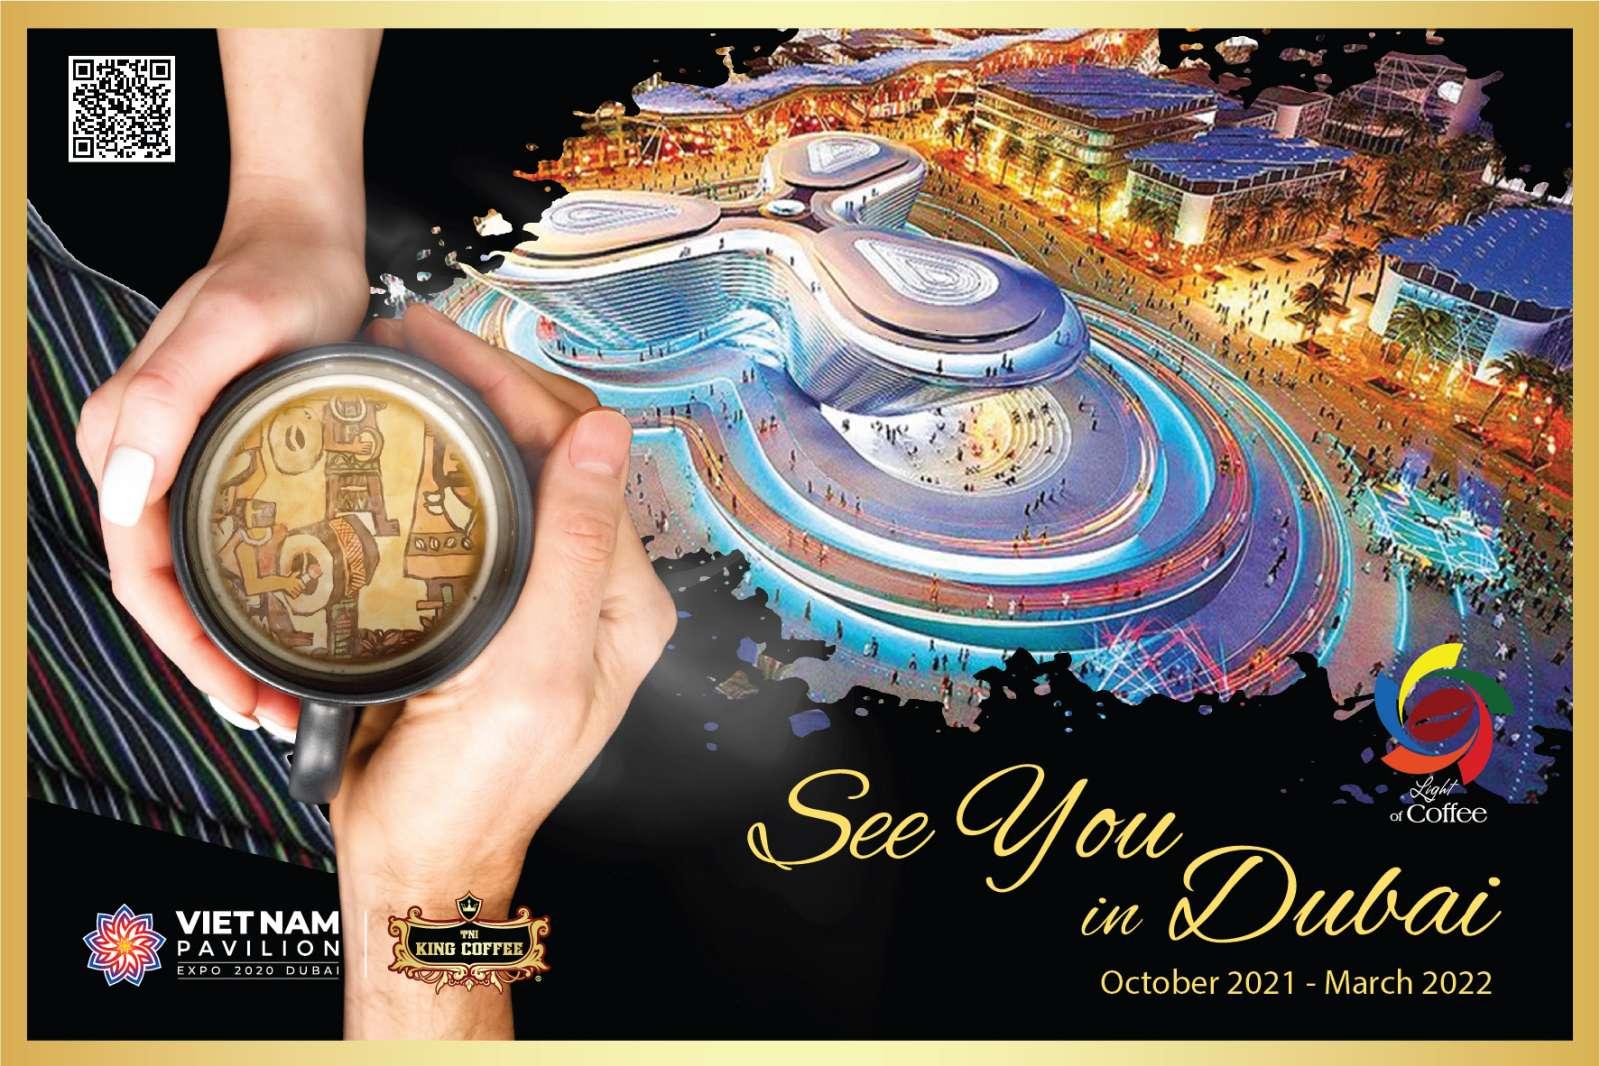 """Du lịch kết hợp tham dự EXPO 2020 Dubai  - """"Thế vận hội"""" cho doanh nghiệp Việt Nam và thế giới - Ảnh 1."""